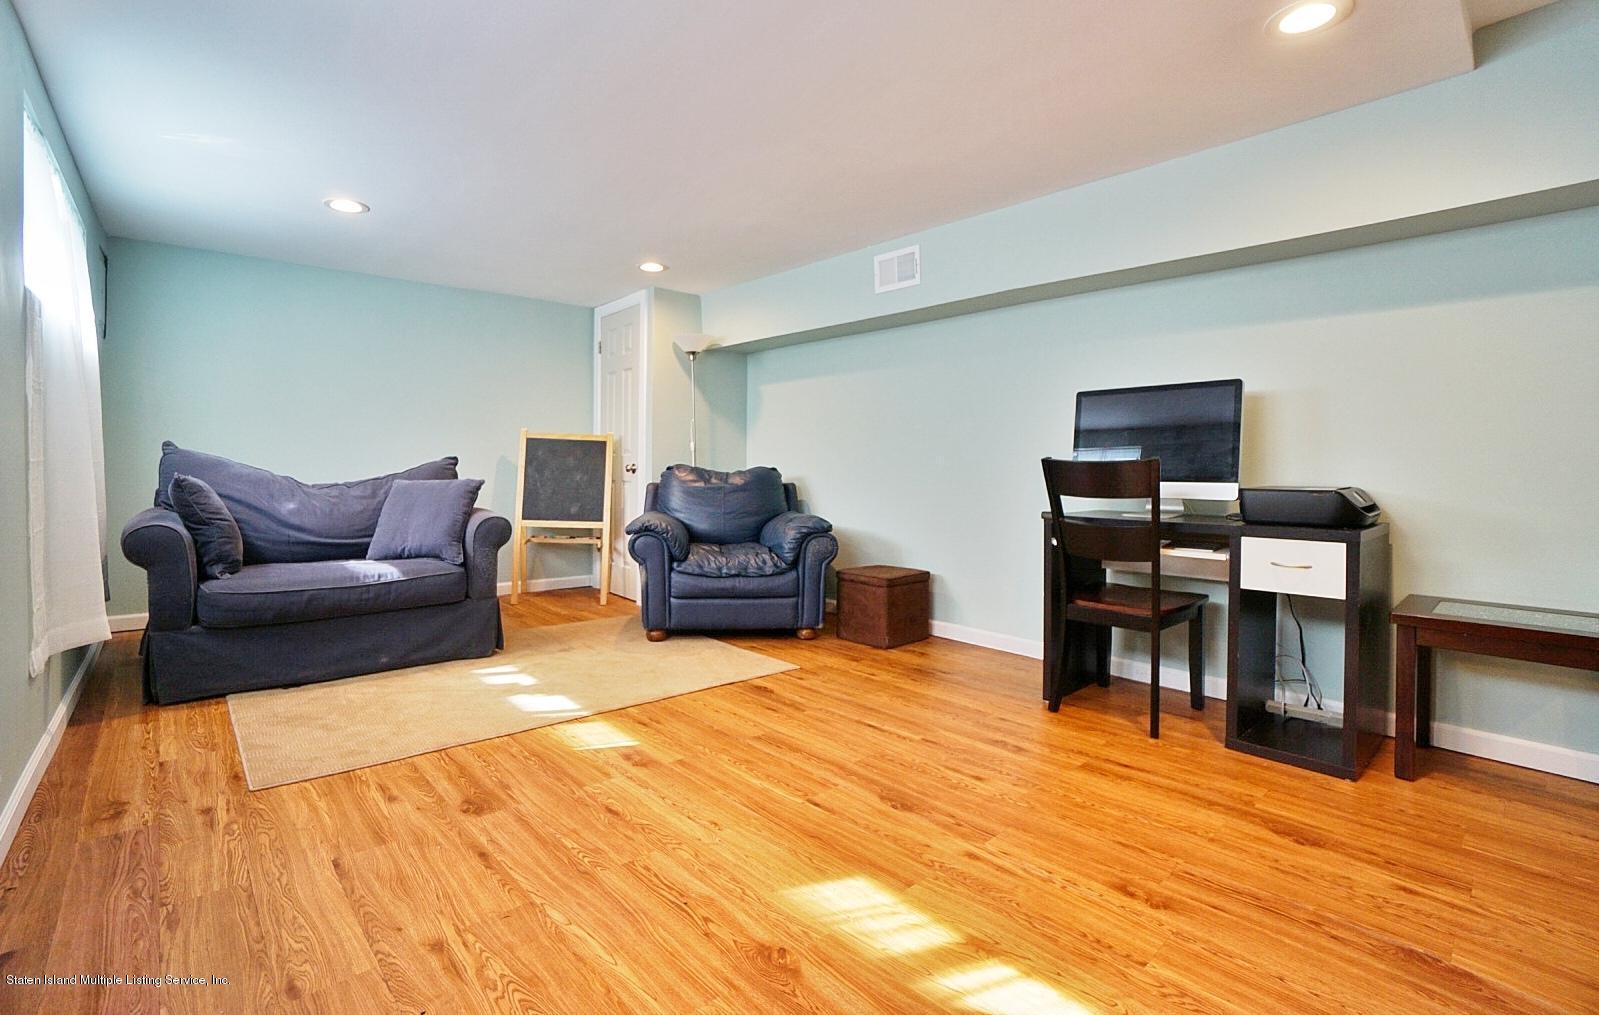 Single Family - Semi-Attached 122 Maybury Avenue  Staten Island, NY 10308, MLS-1128627-22